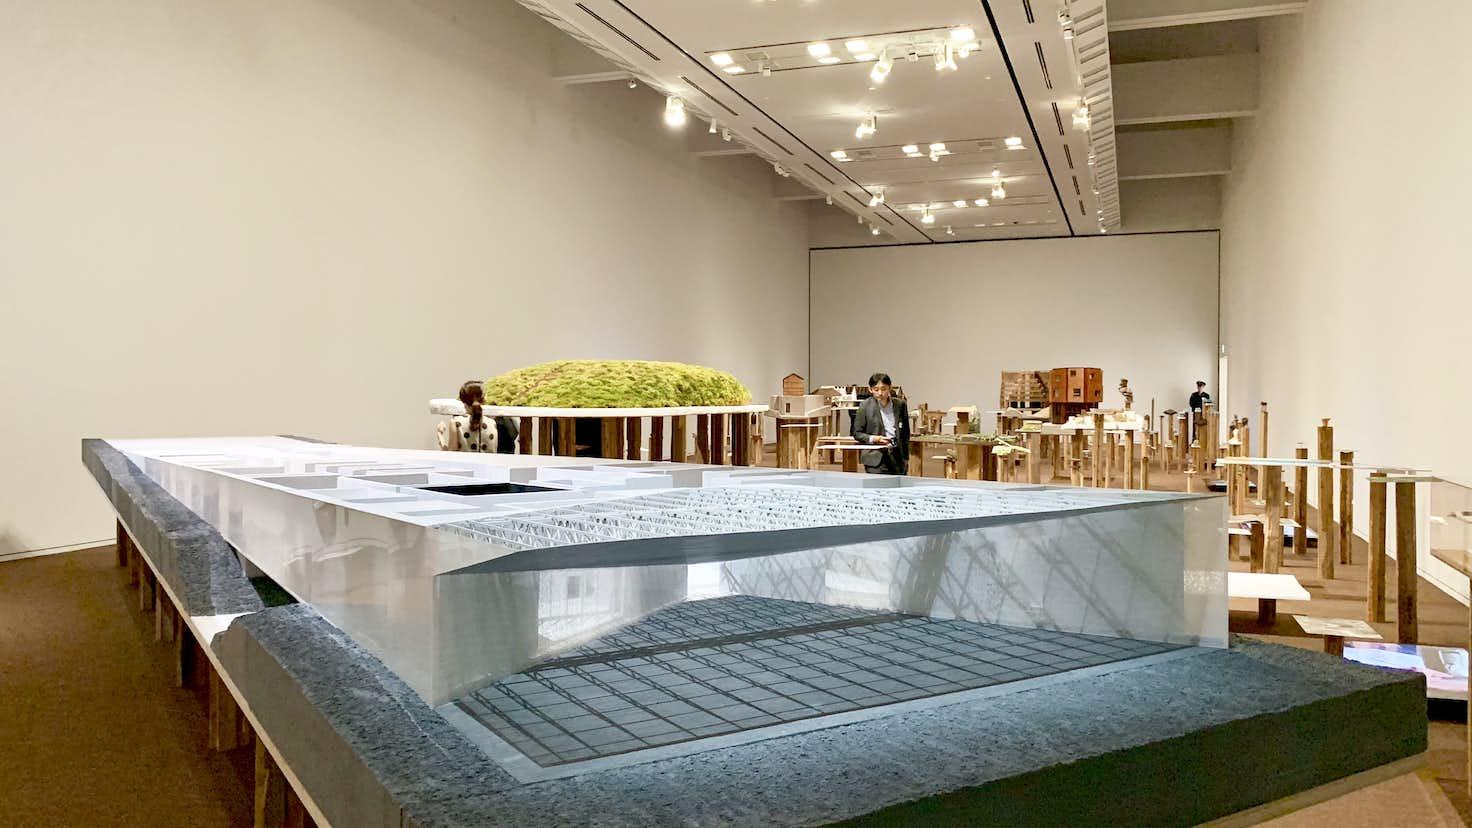 田根剛の大規模個展「未来の記憶」がオペラシティで開幕。これまでの ...